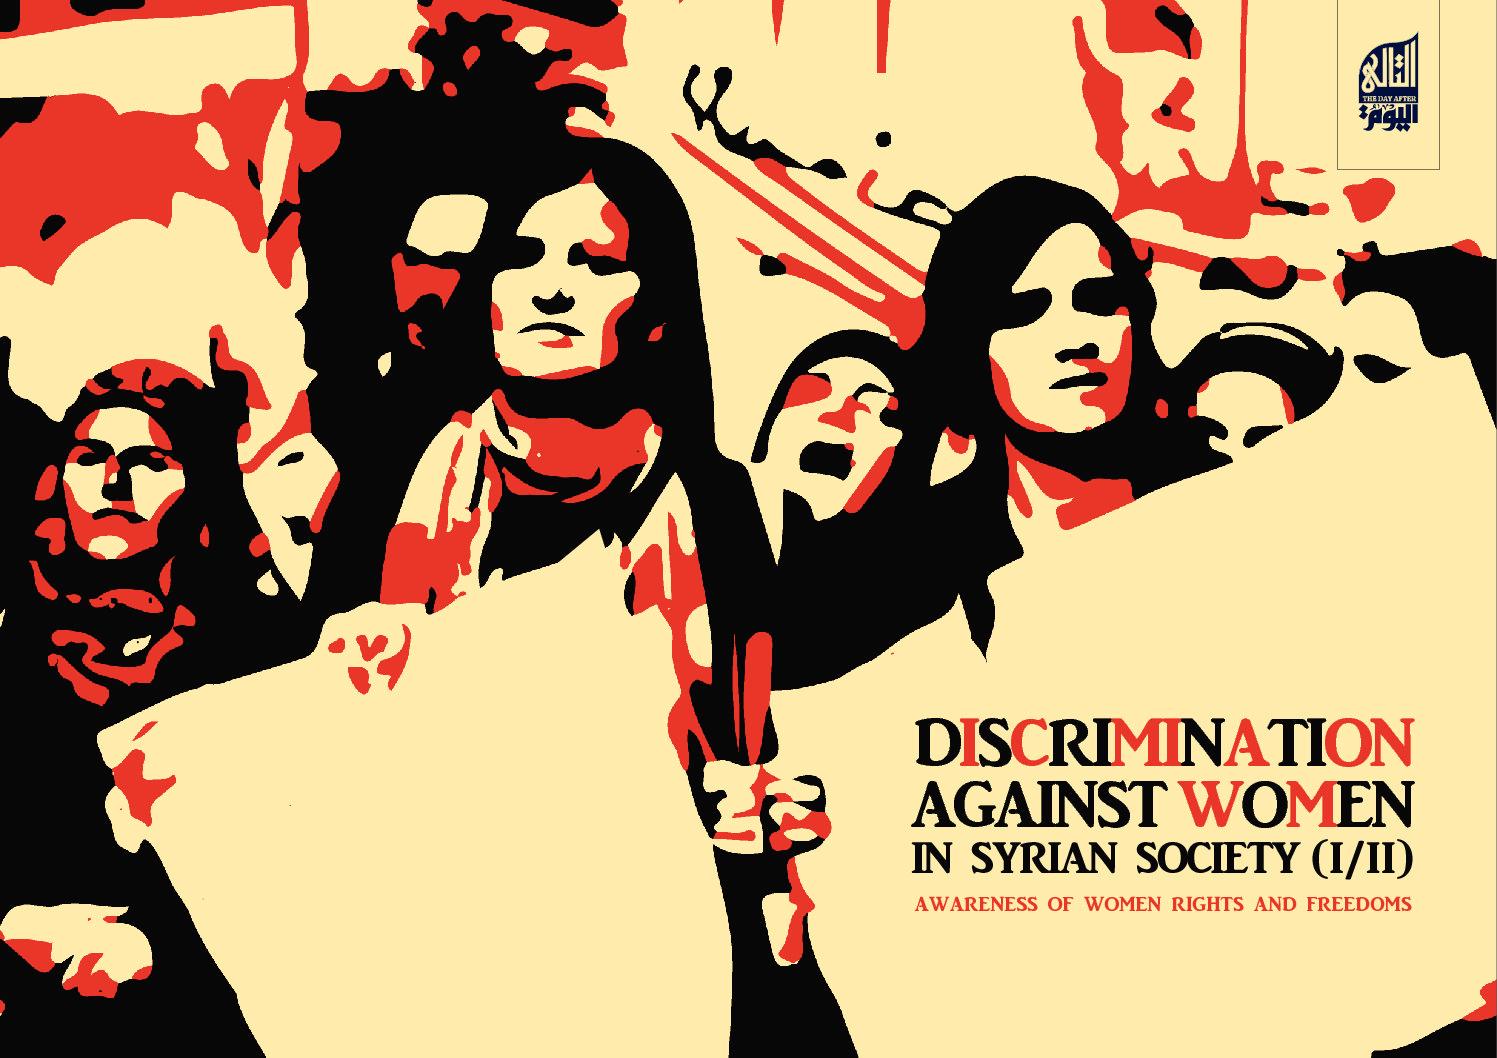 إدراك حقوق المرأة وحرياتها